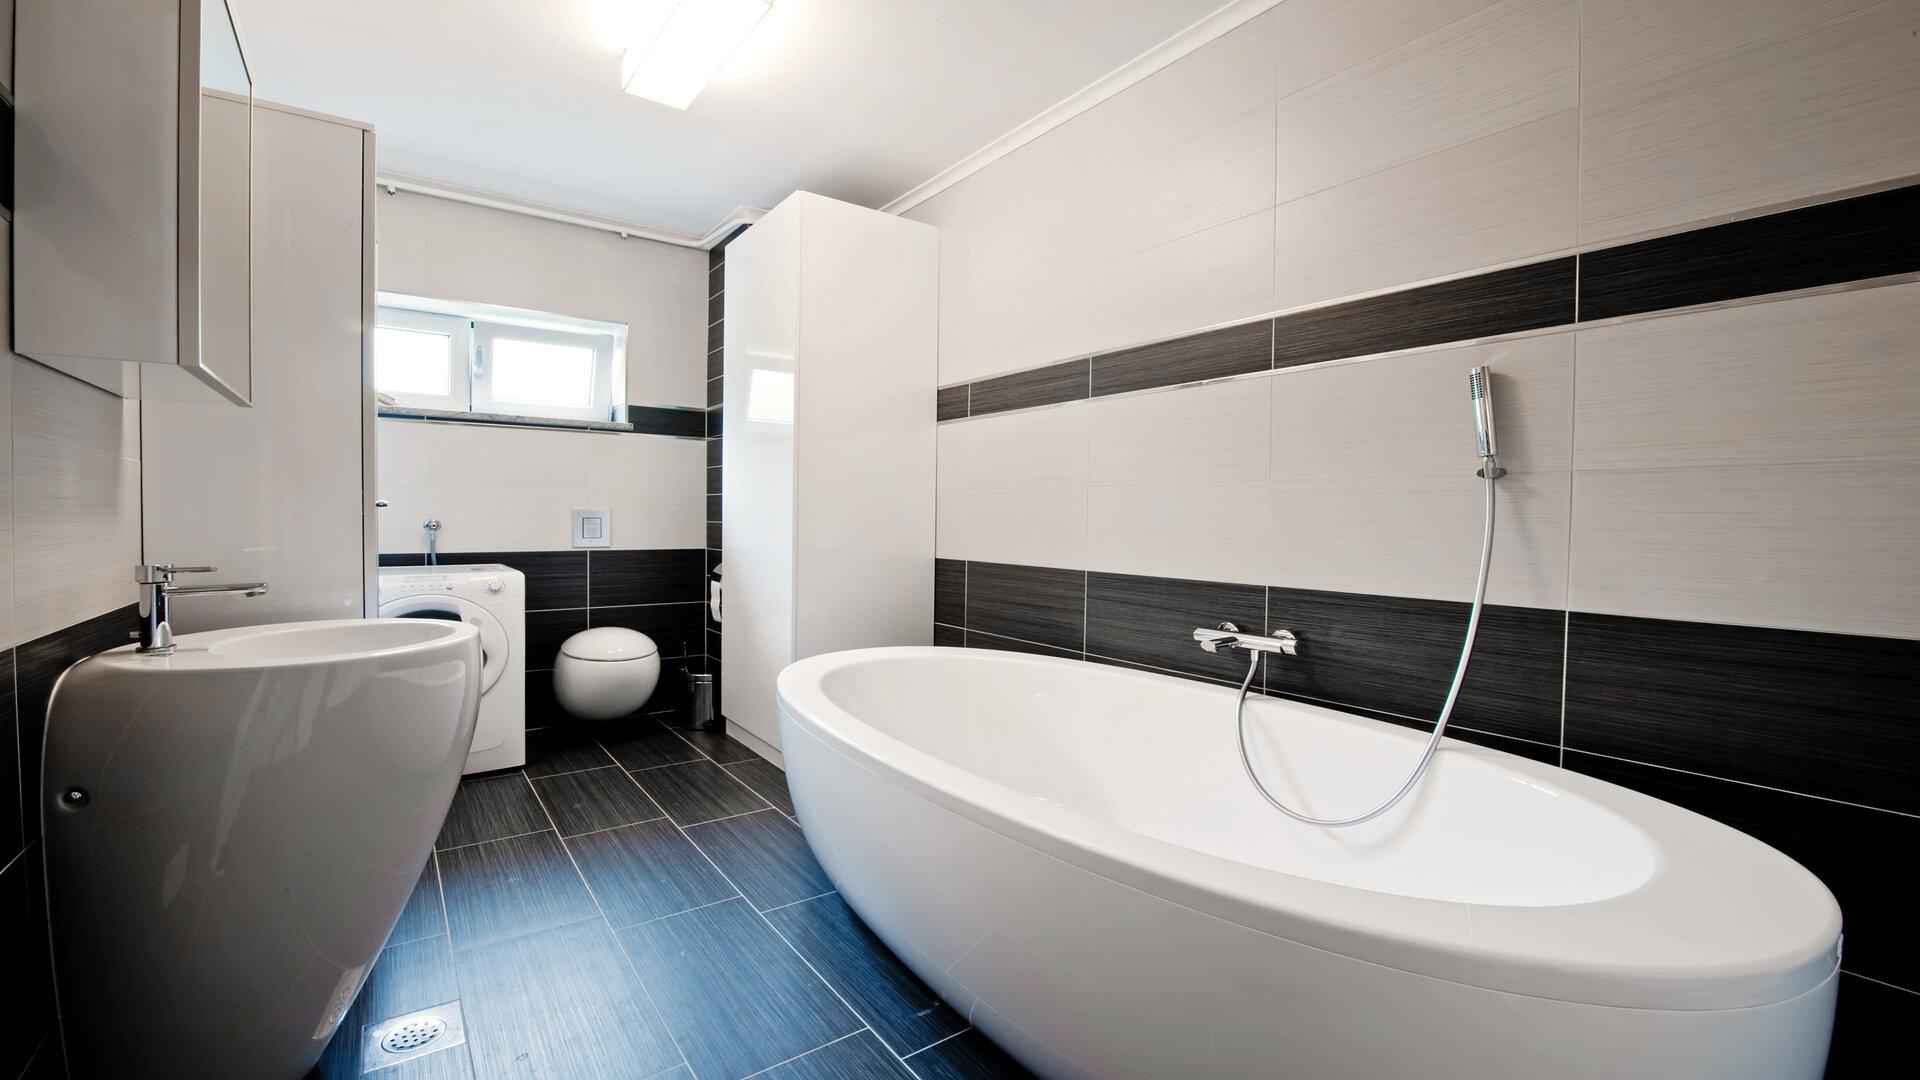 Quel type de carrelage pour les murs d'une salle de bains ?